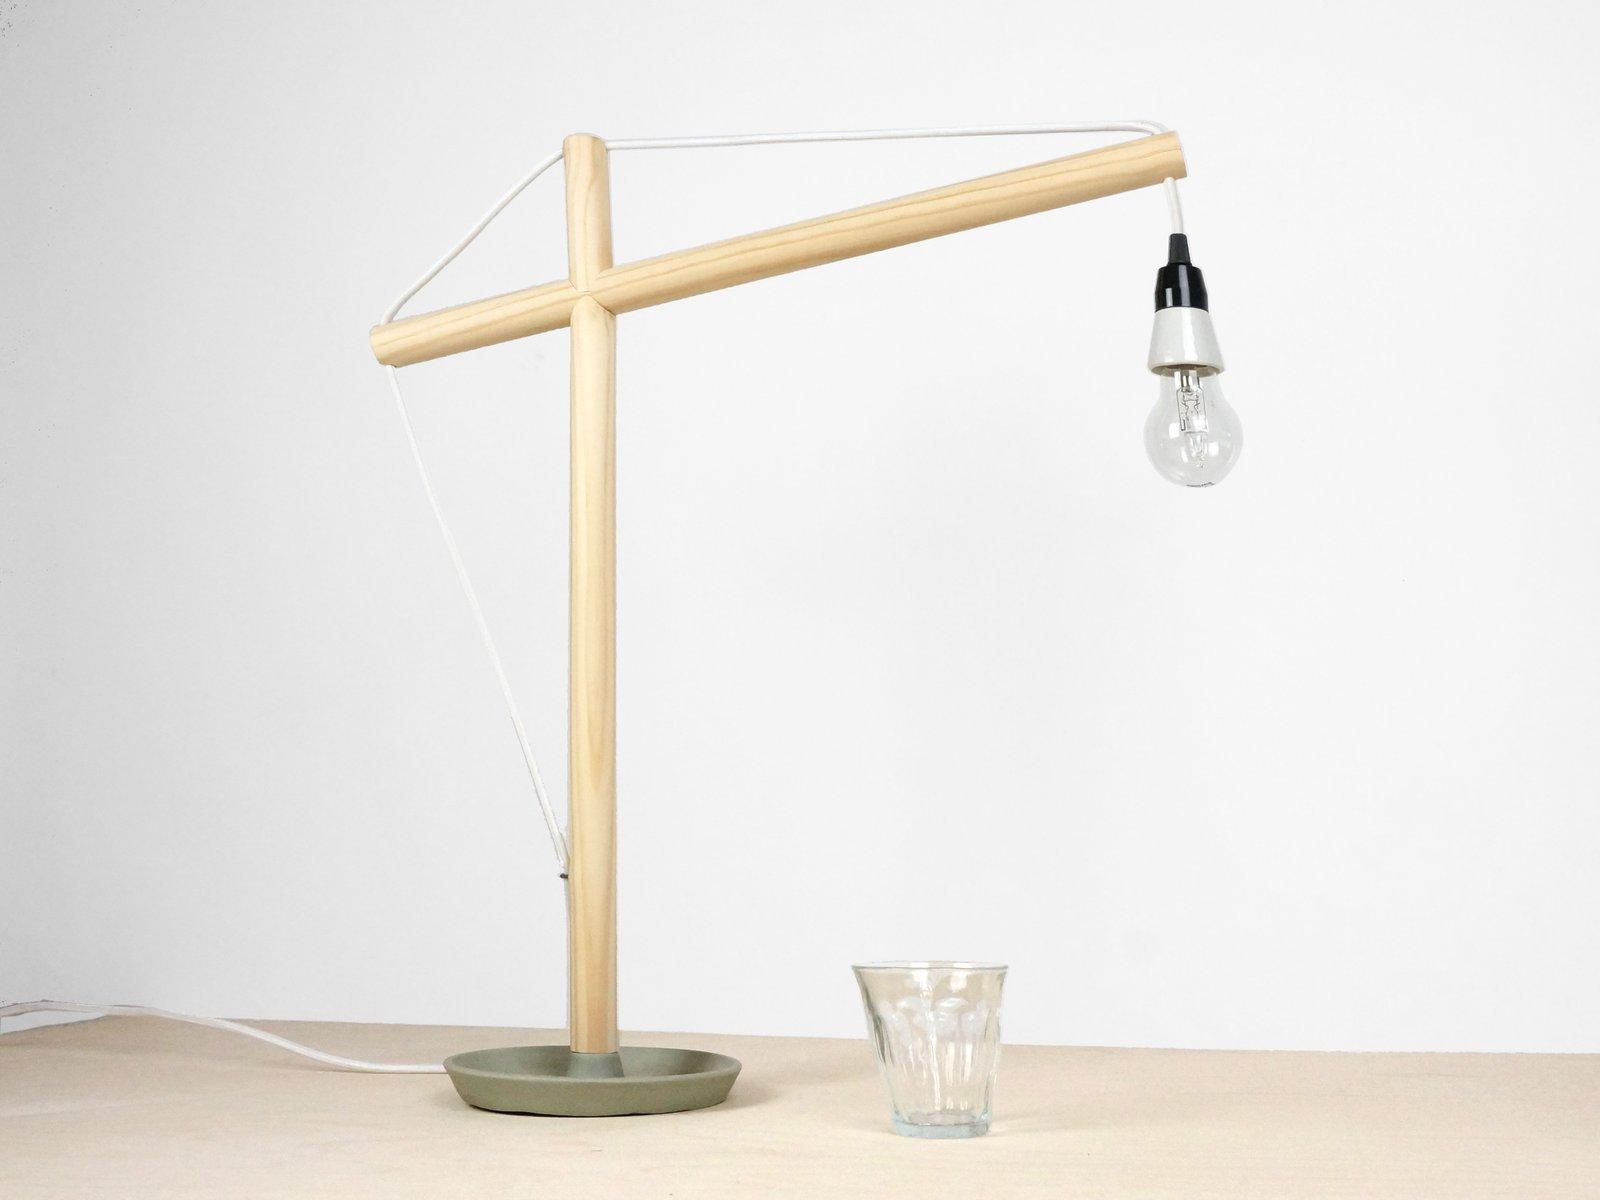 Construct Schreibtischlampe von Studio Lorier